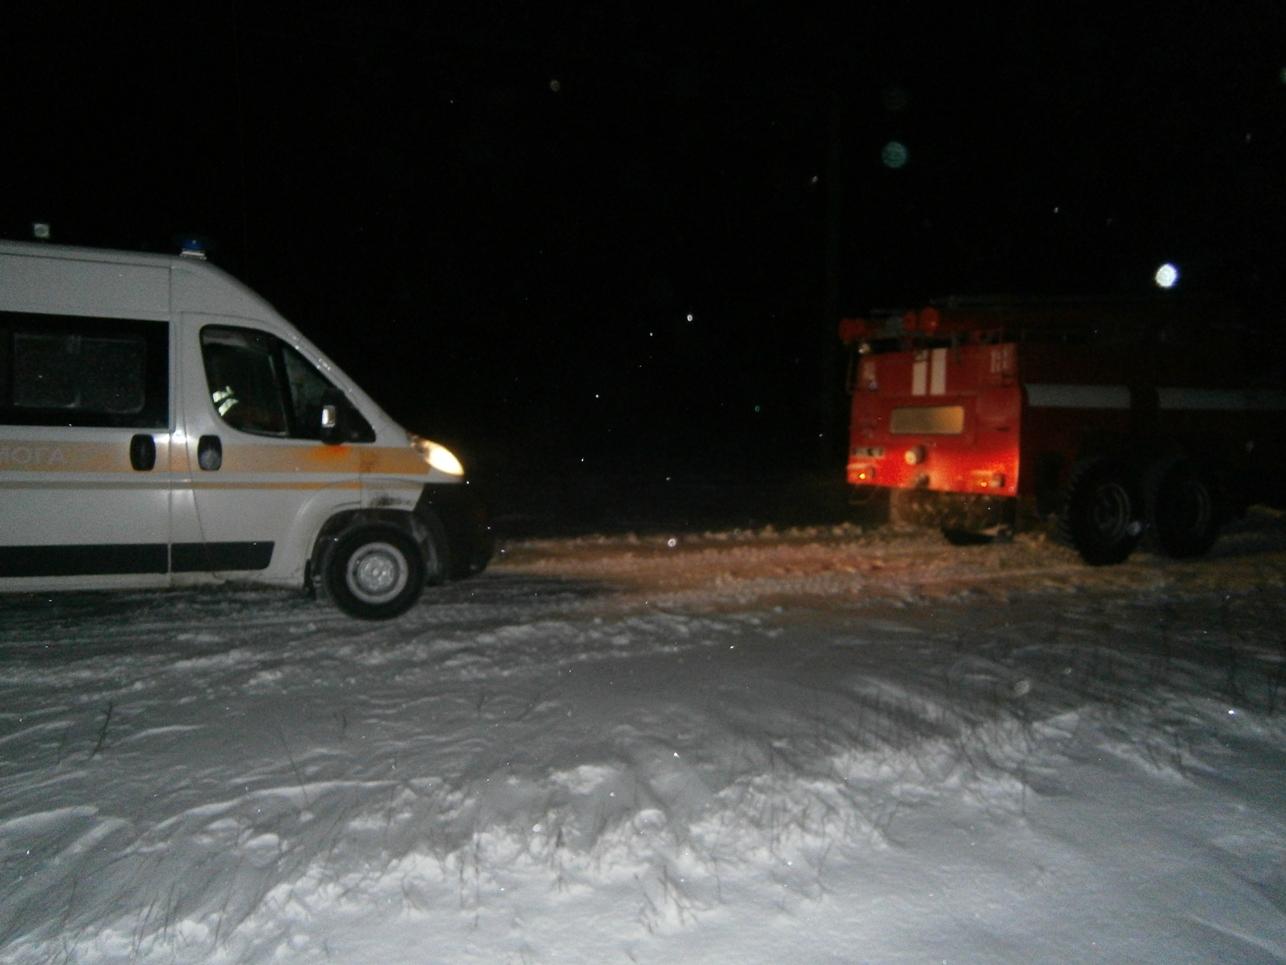 Рятувальники Кіровоградщини допомогли вибратись зі складних ділянок дороги майже 800 водіям. ФОТО 7